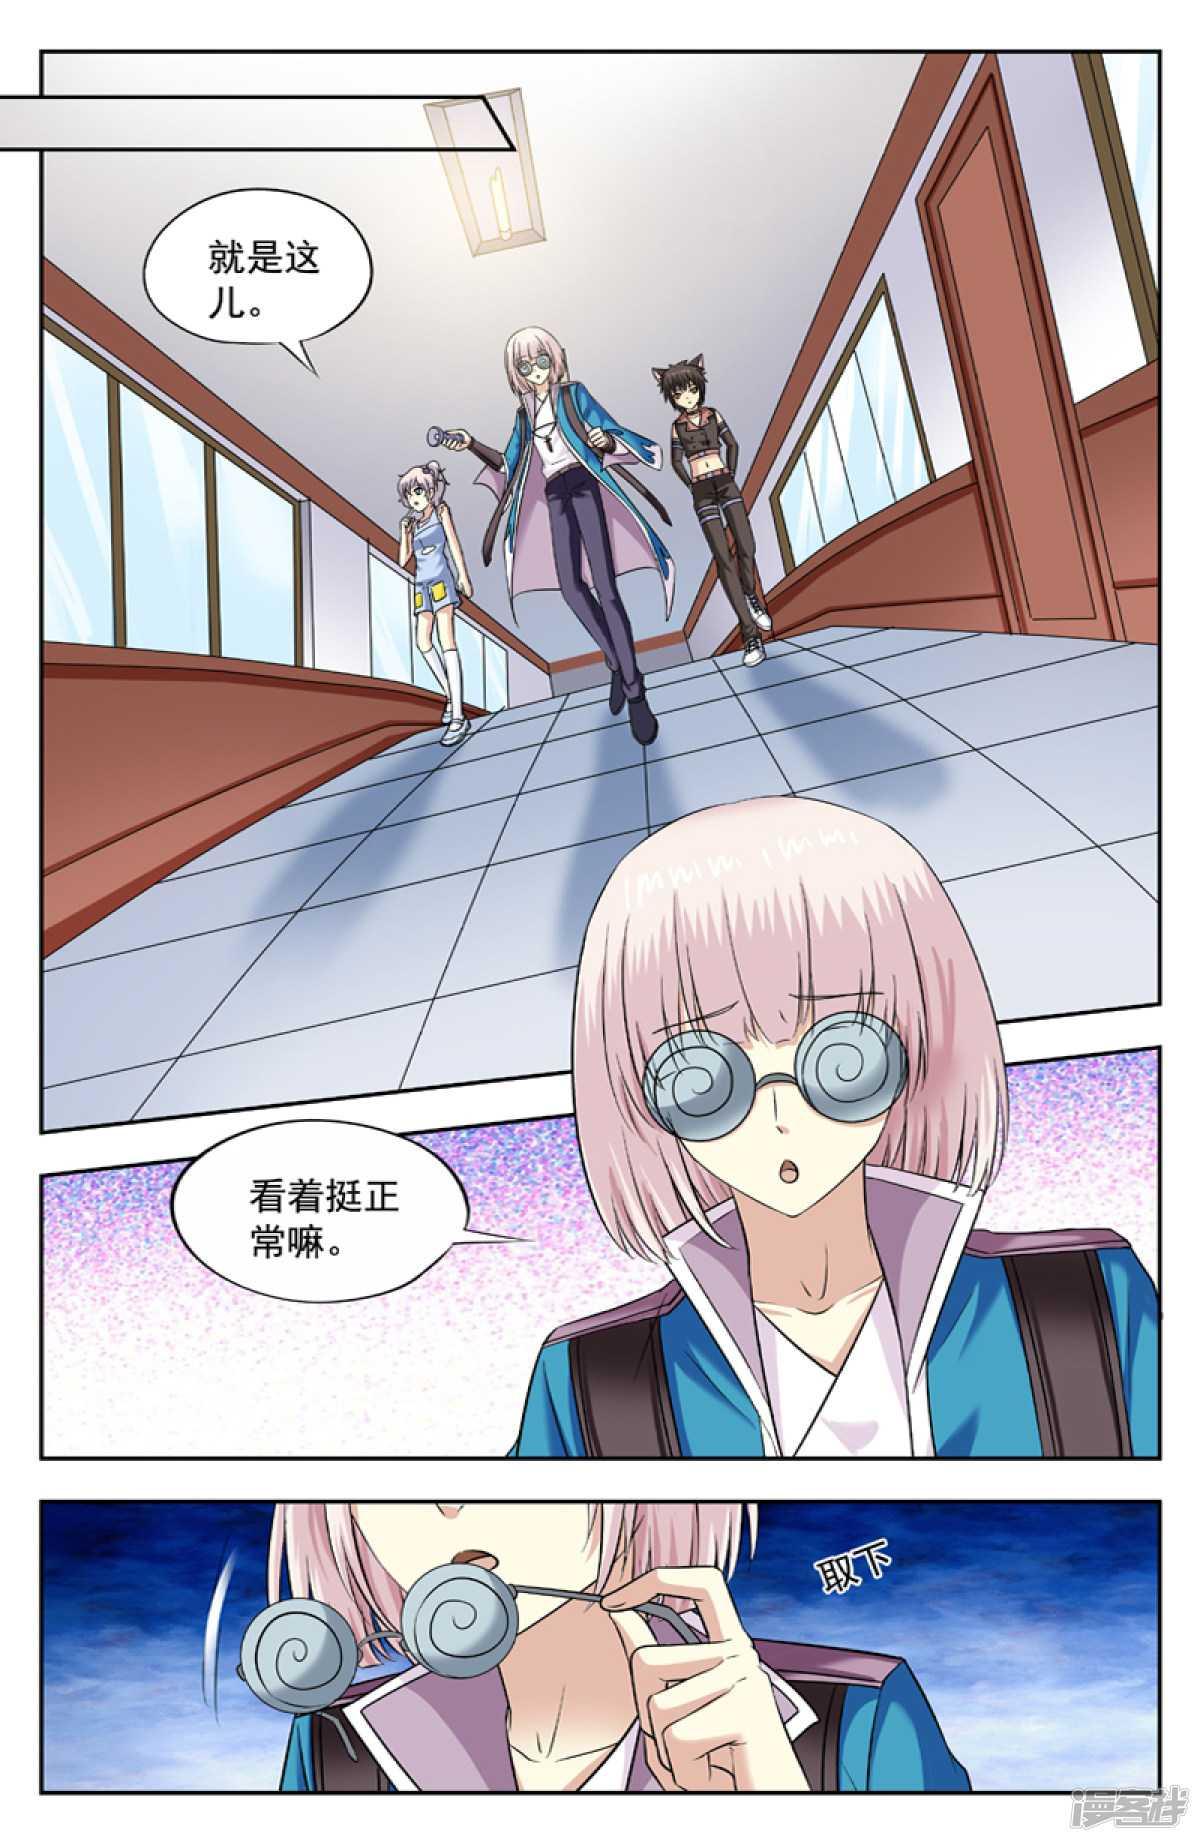 【漫画更新】变身诅咒215~216话